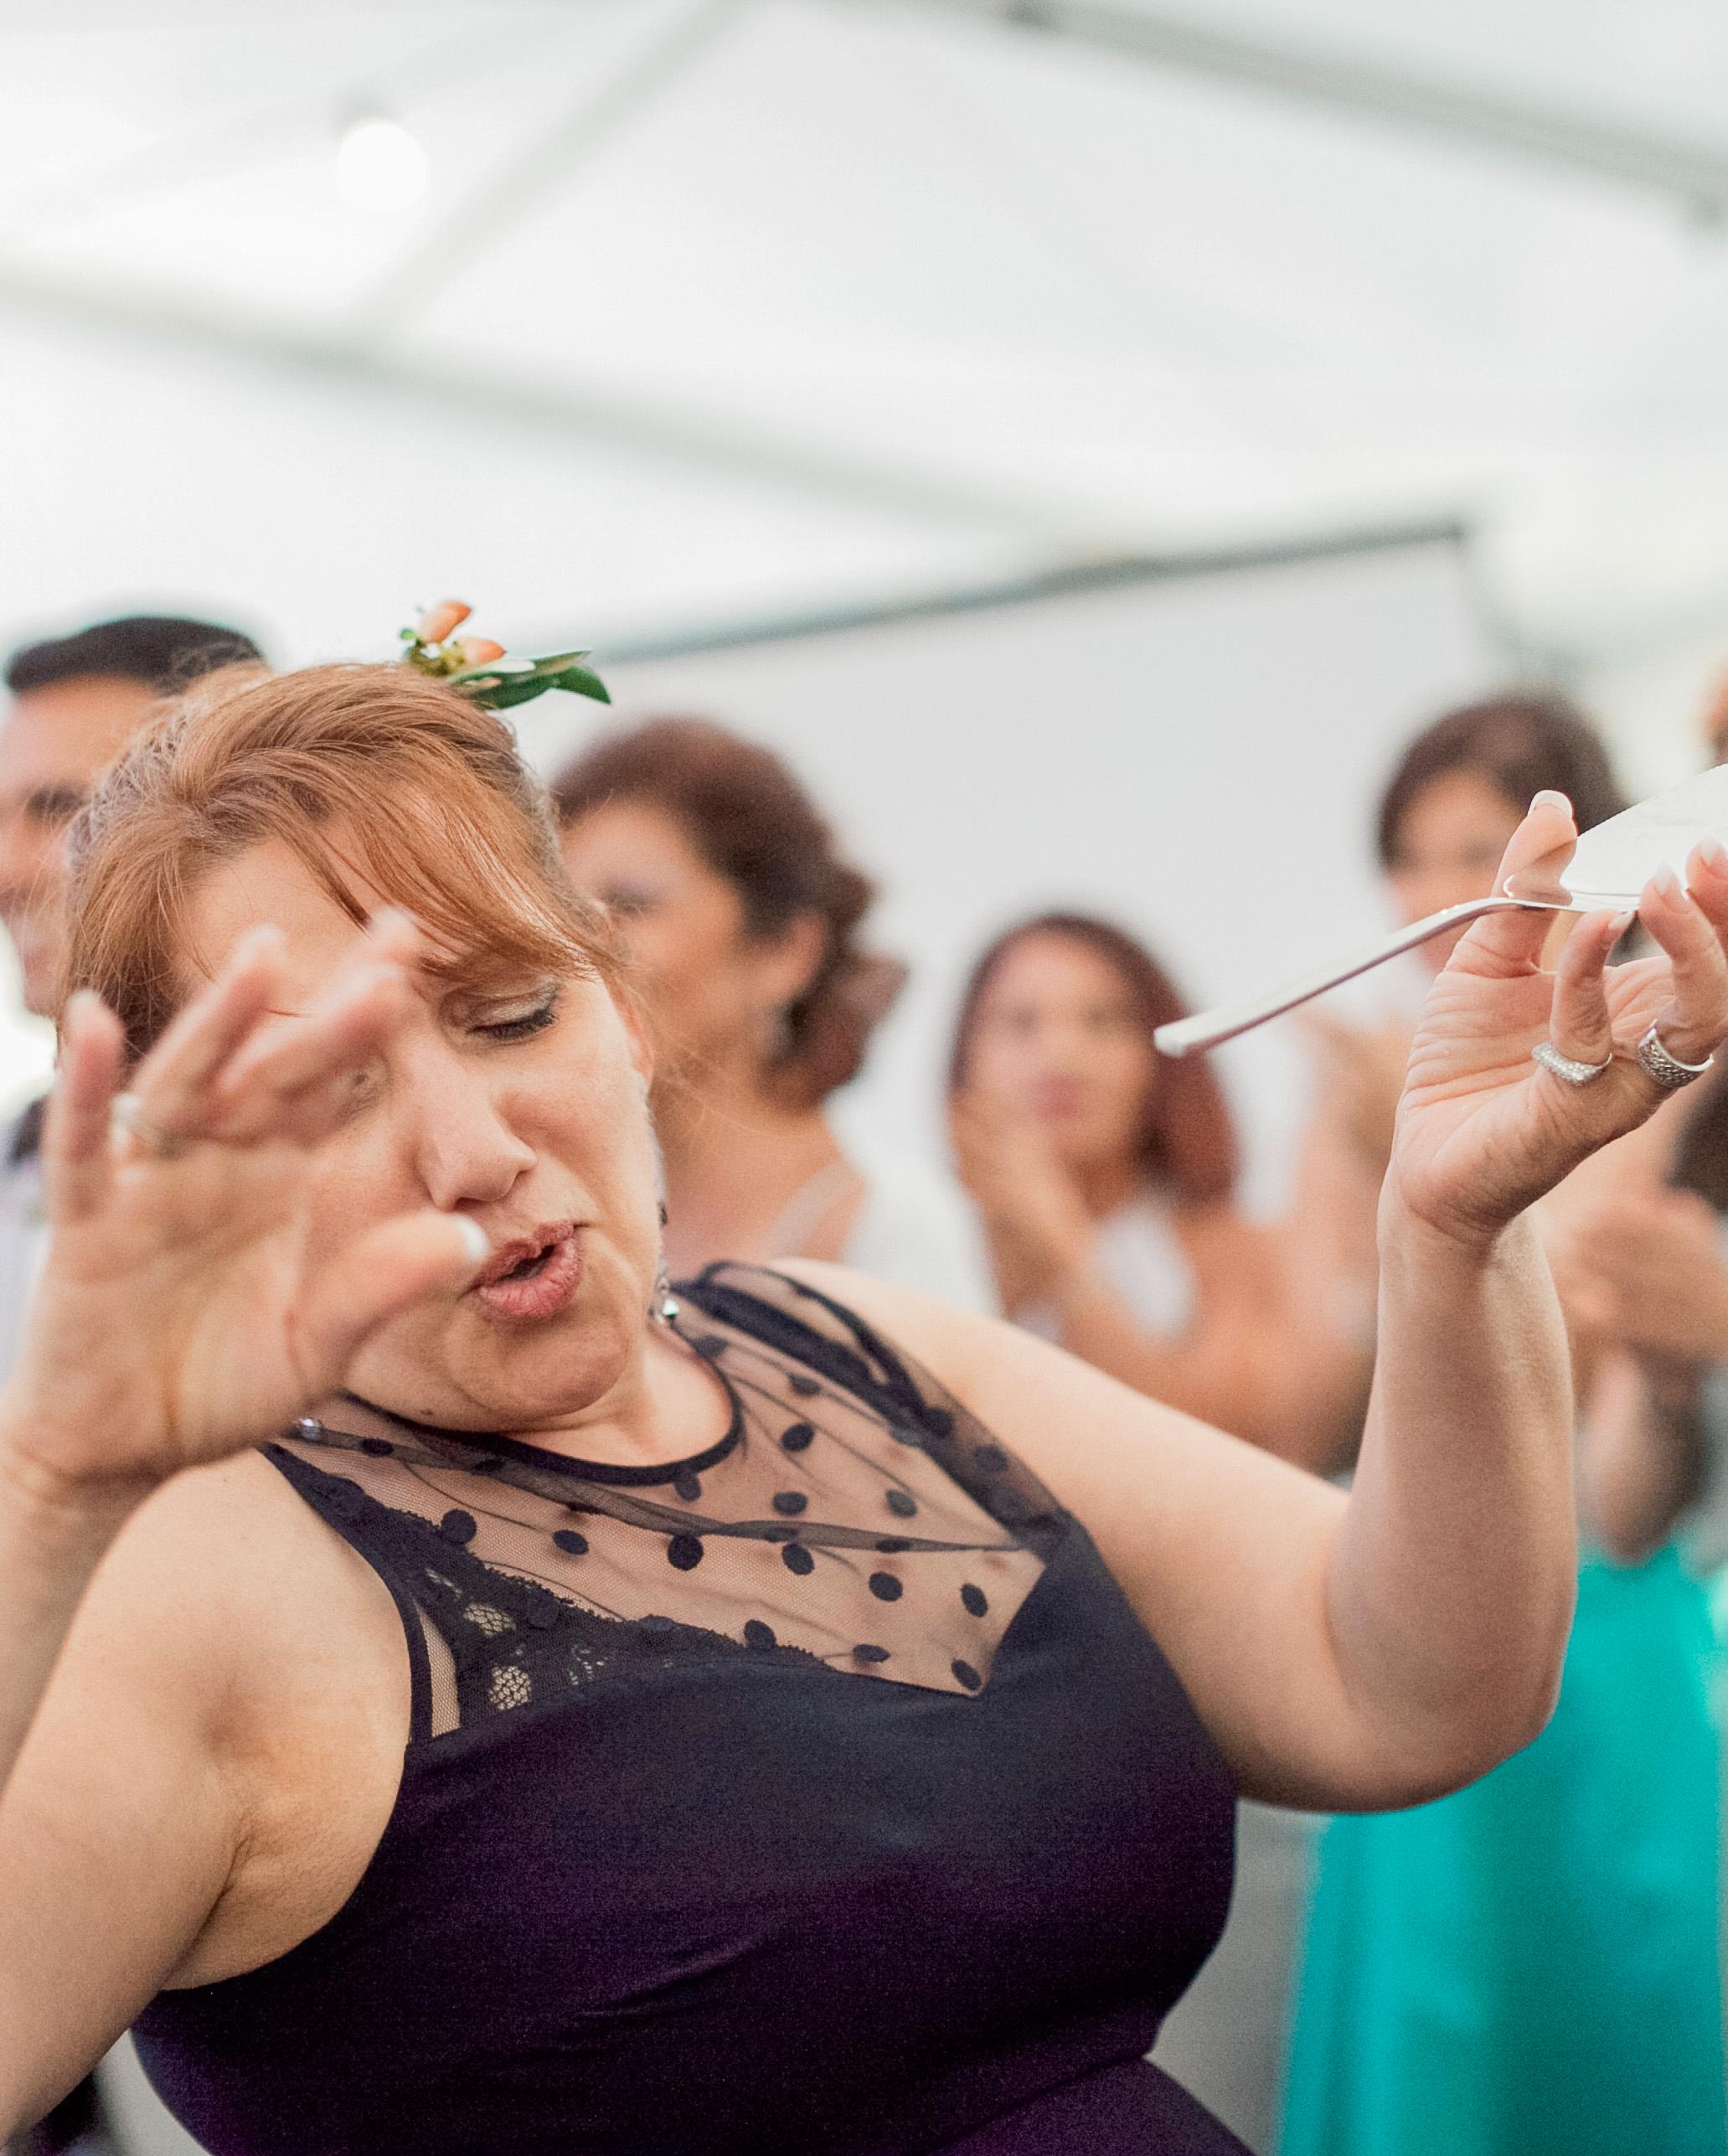 negin-chris-wedding-dancing-0809-s112116-0815.jpg